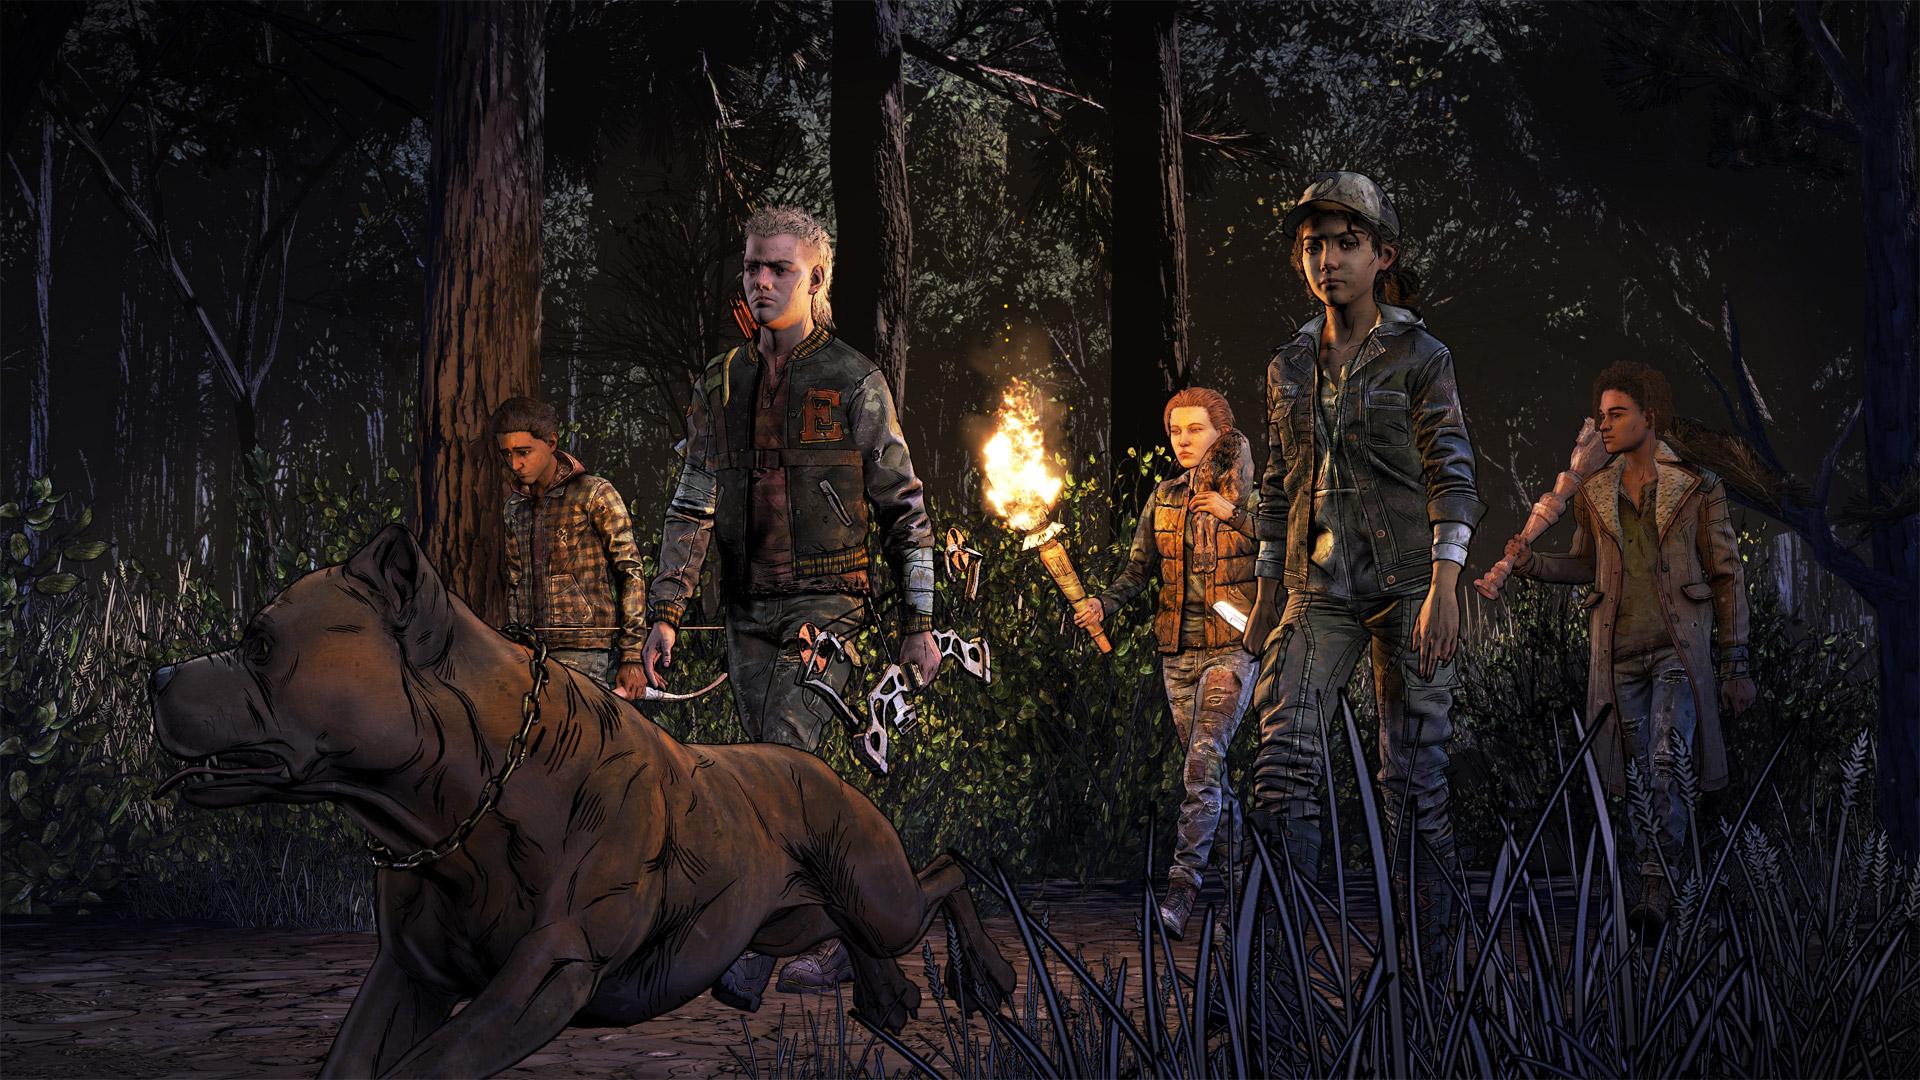 The Walking Dead: The Final Season Wallpaper in 1920x1080